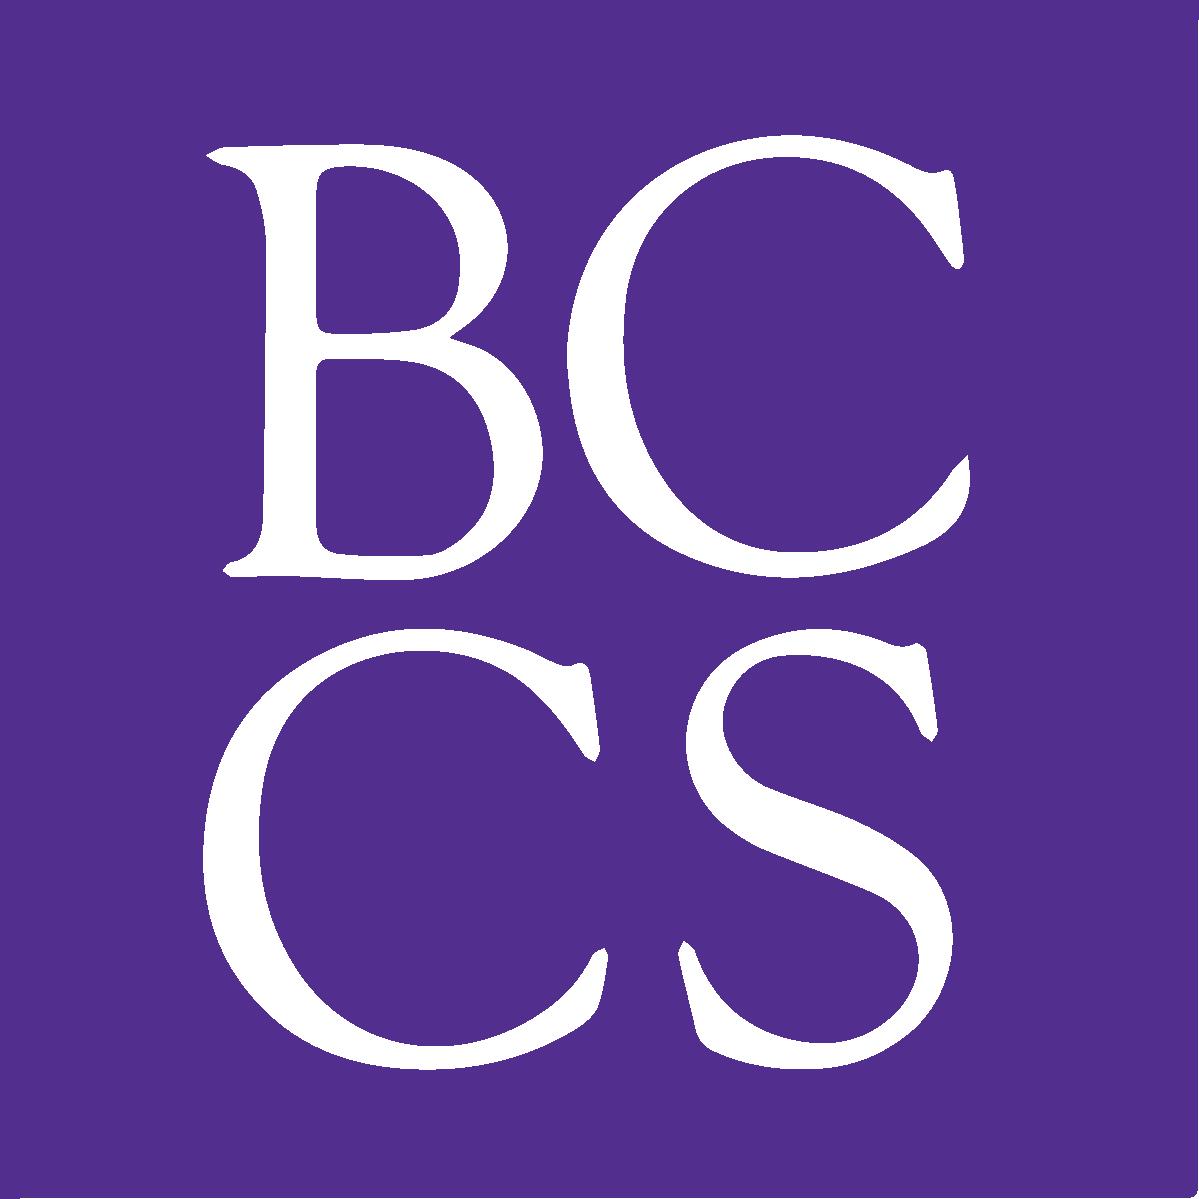 bccs.png